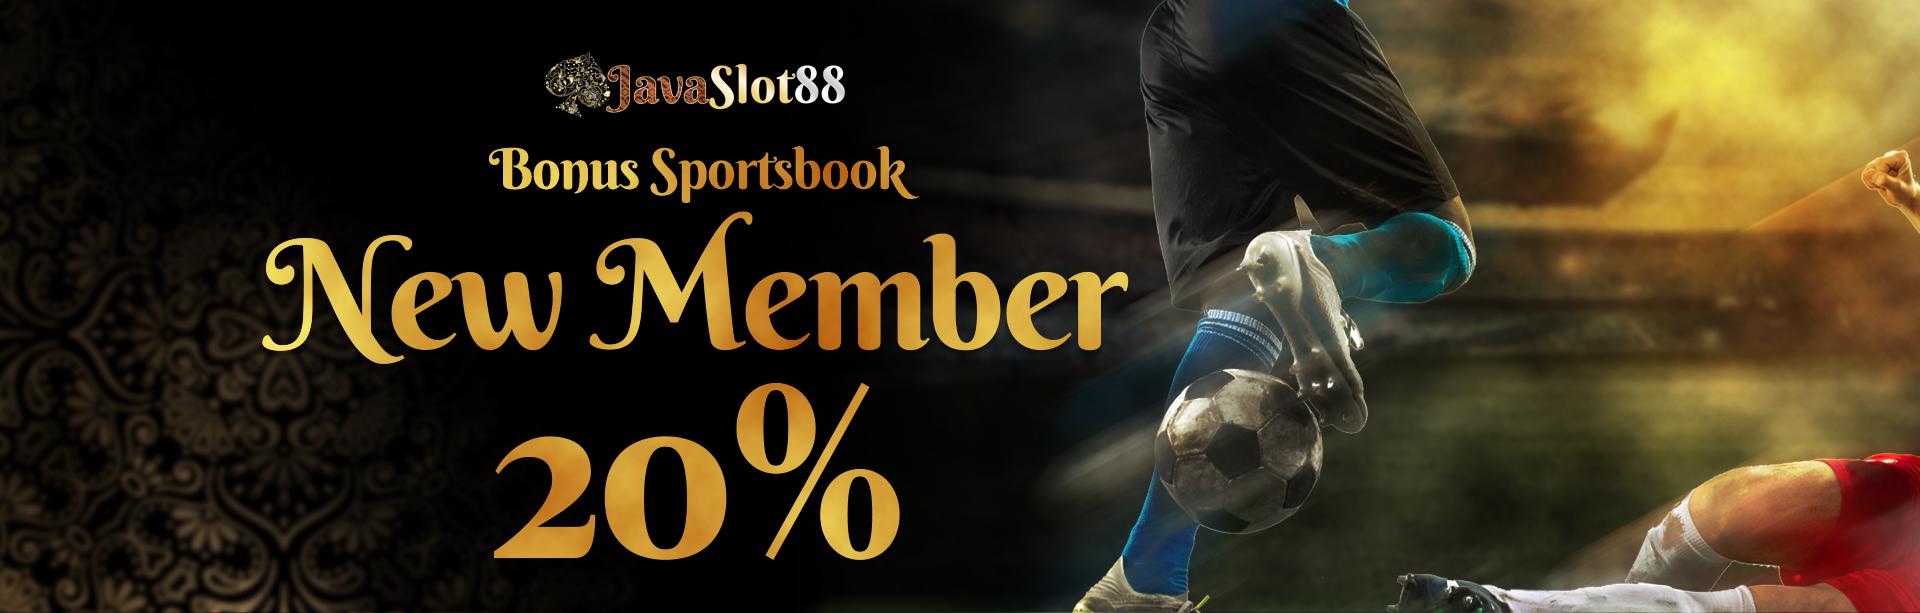 BONUS NEW  MEMBER SPORTSBOOK 20%